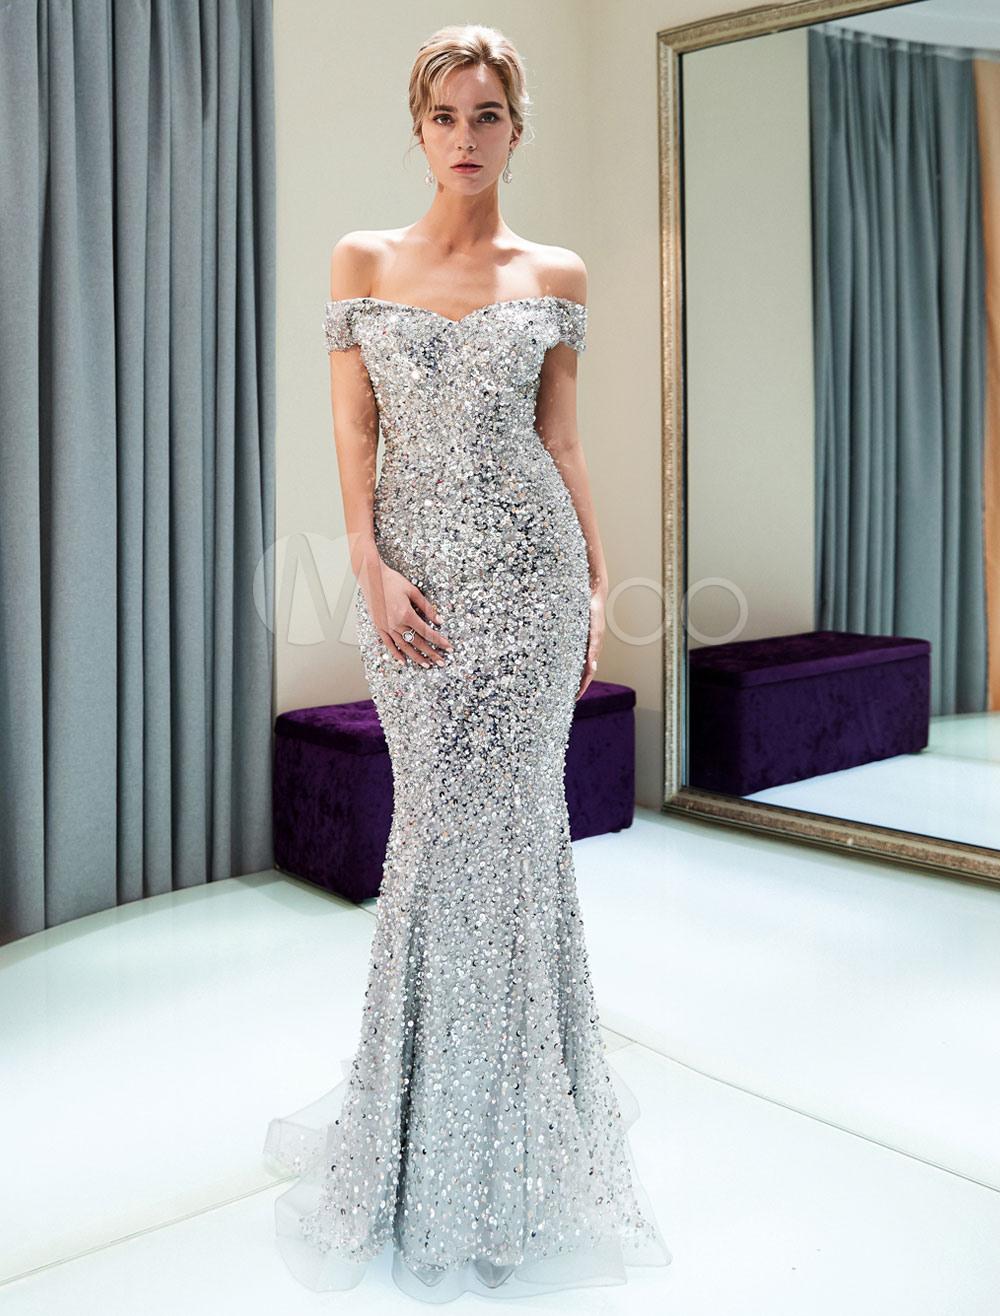 17 Luxurius Abendkleid Silber Galerie10 Schön Abendkleid Silber Galerie